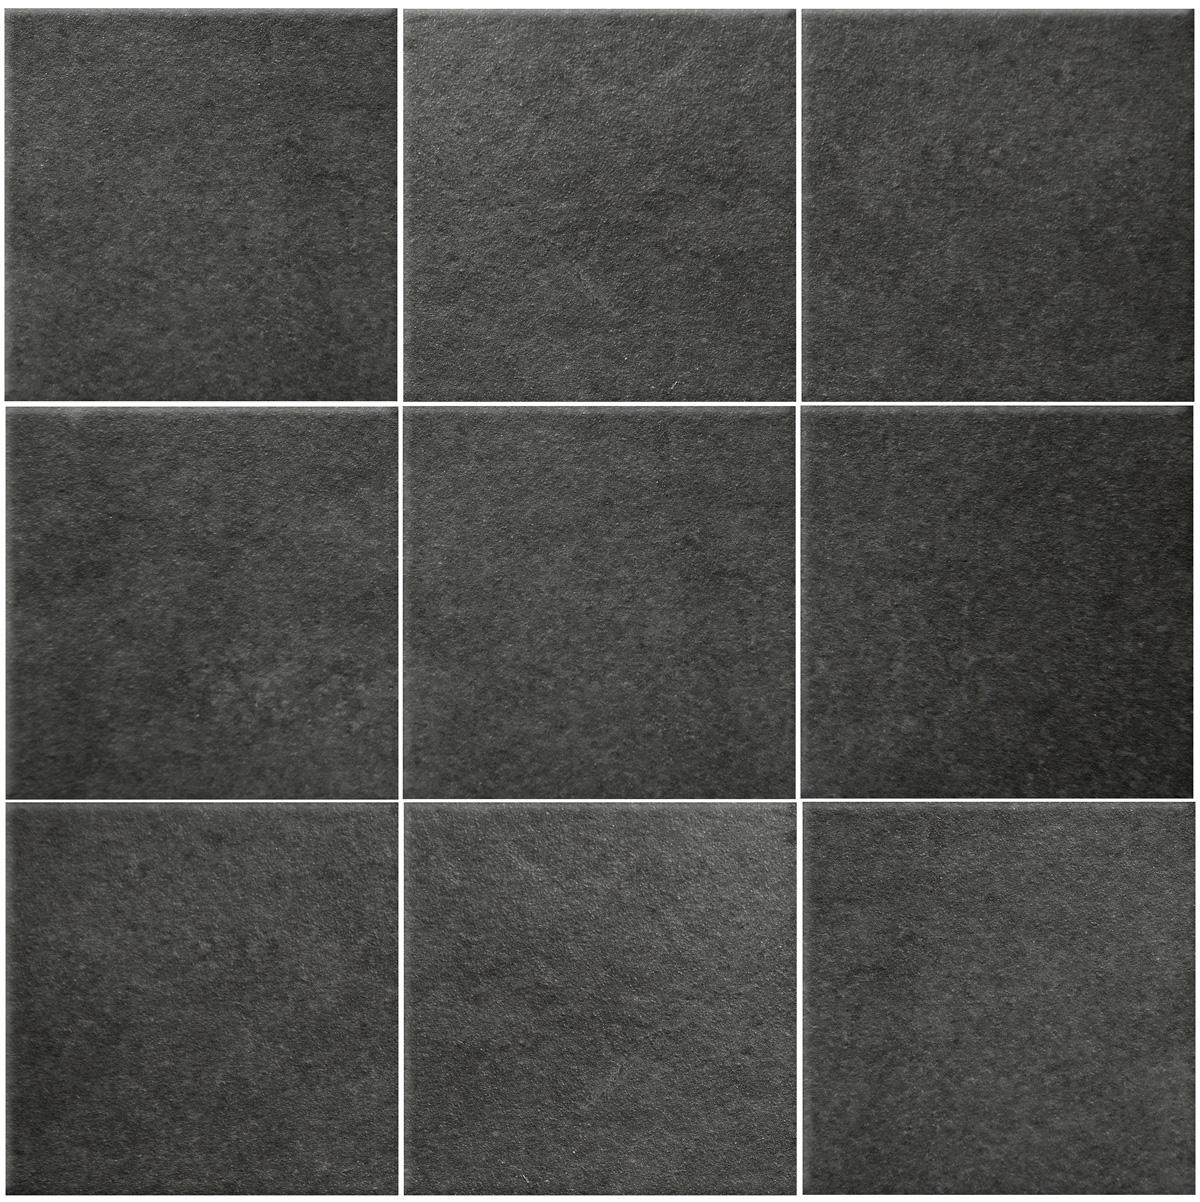 66009105, Europe 10x10, Musta, lattia